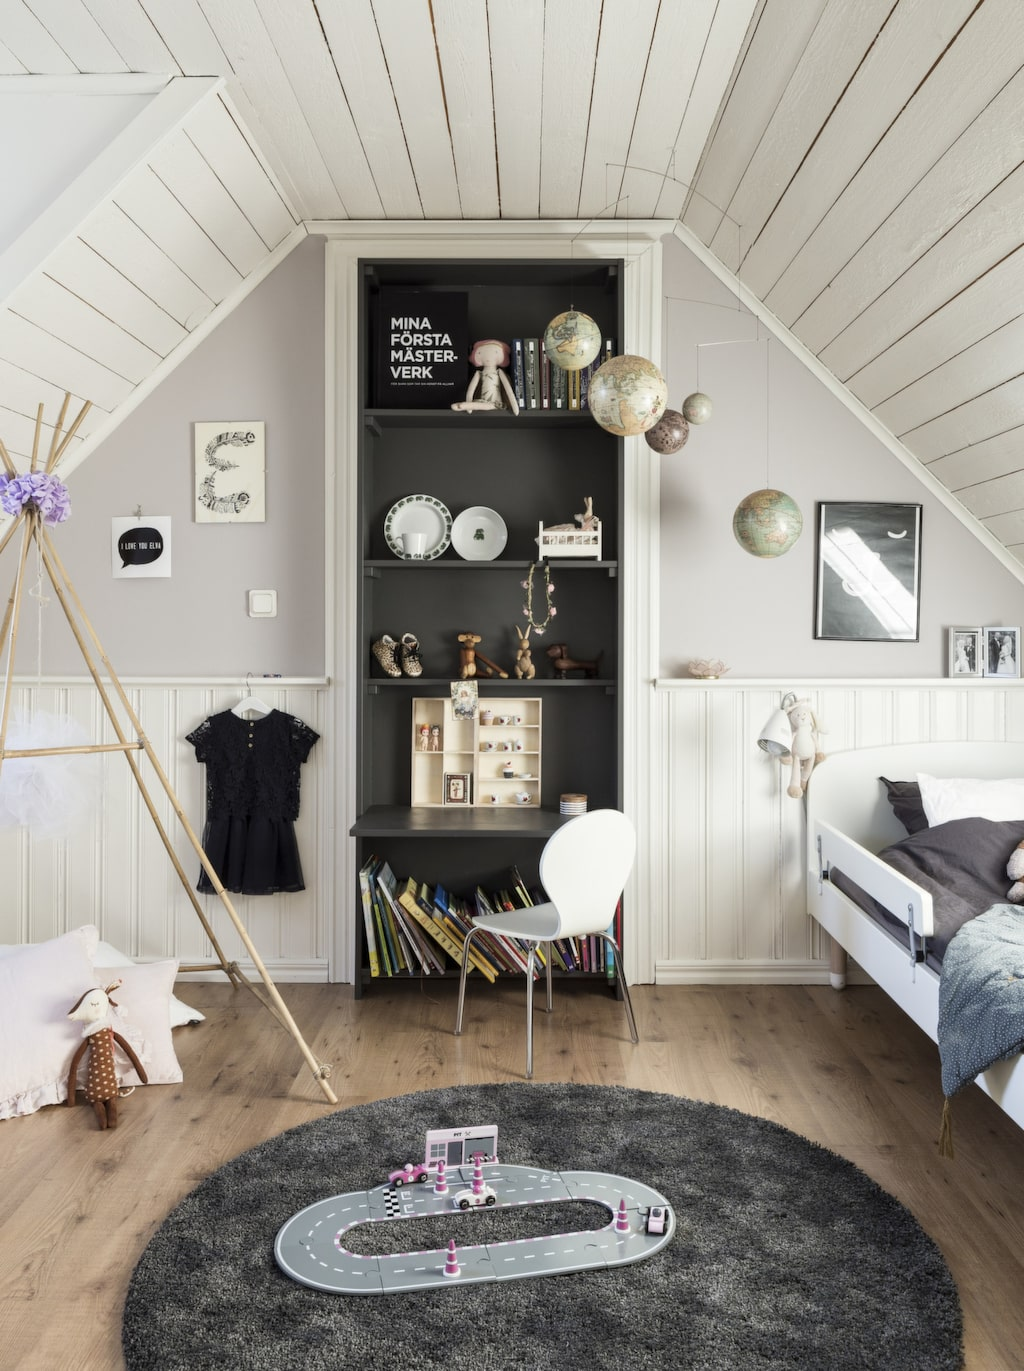 Roger har platsbyggt en bokhylla i Elvas rum där det tidigare var en dörr. Mobil med glober i taket från Artilleriet. Matta från Ikea. Stolen är ifrån Mio.